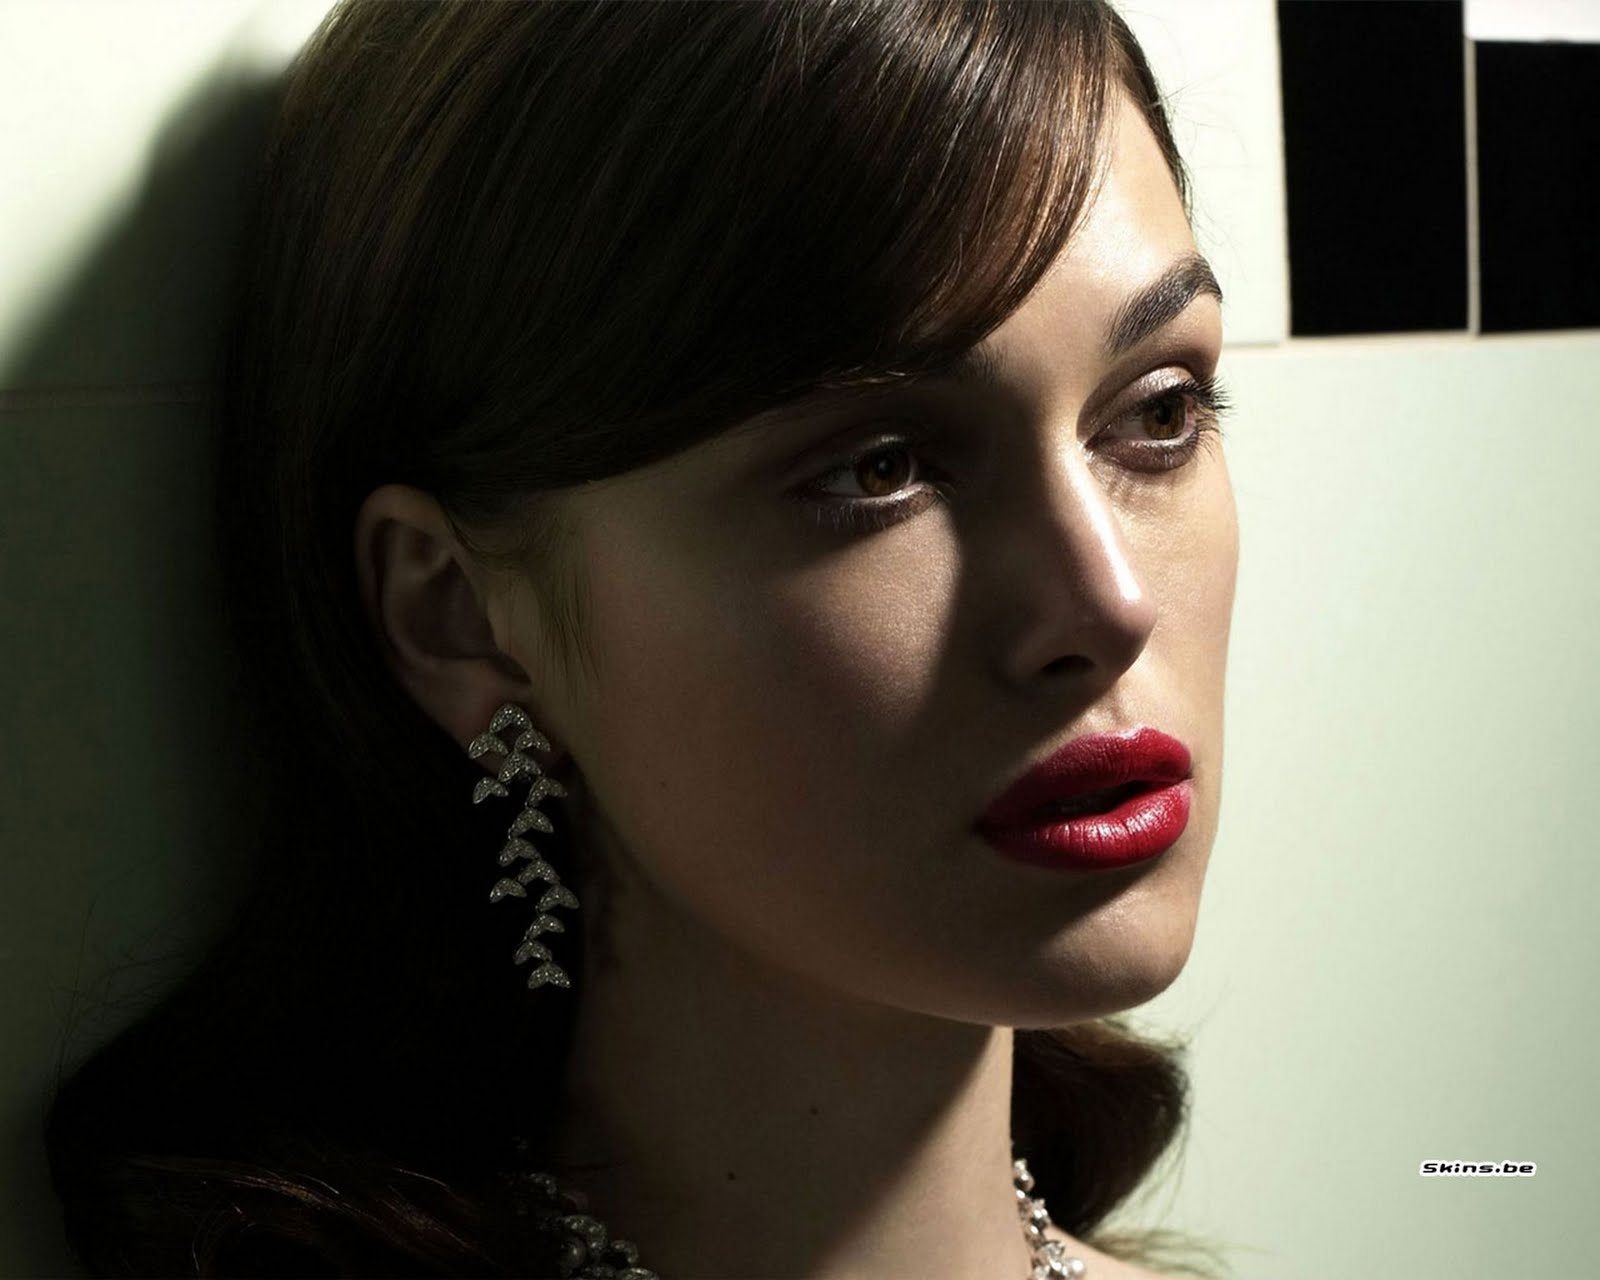 hollywood actress keira knightley